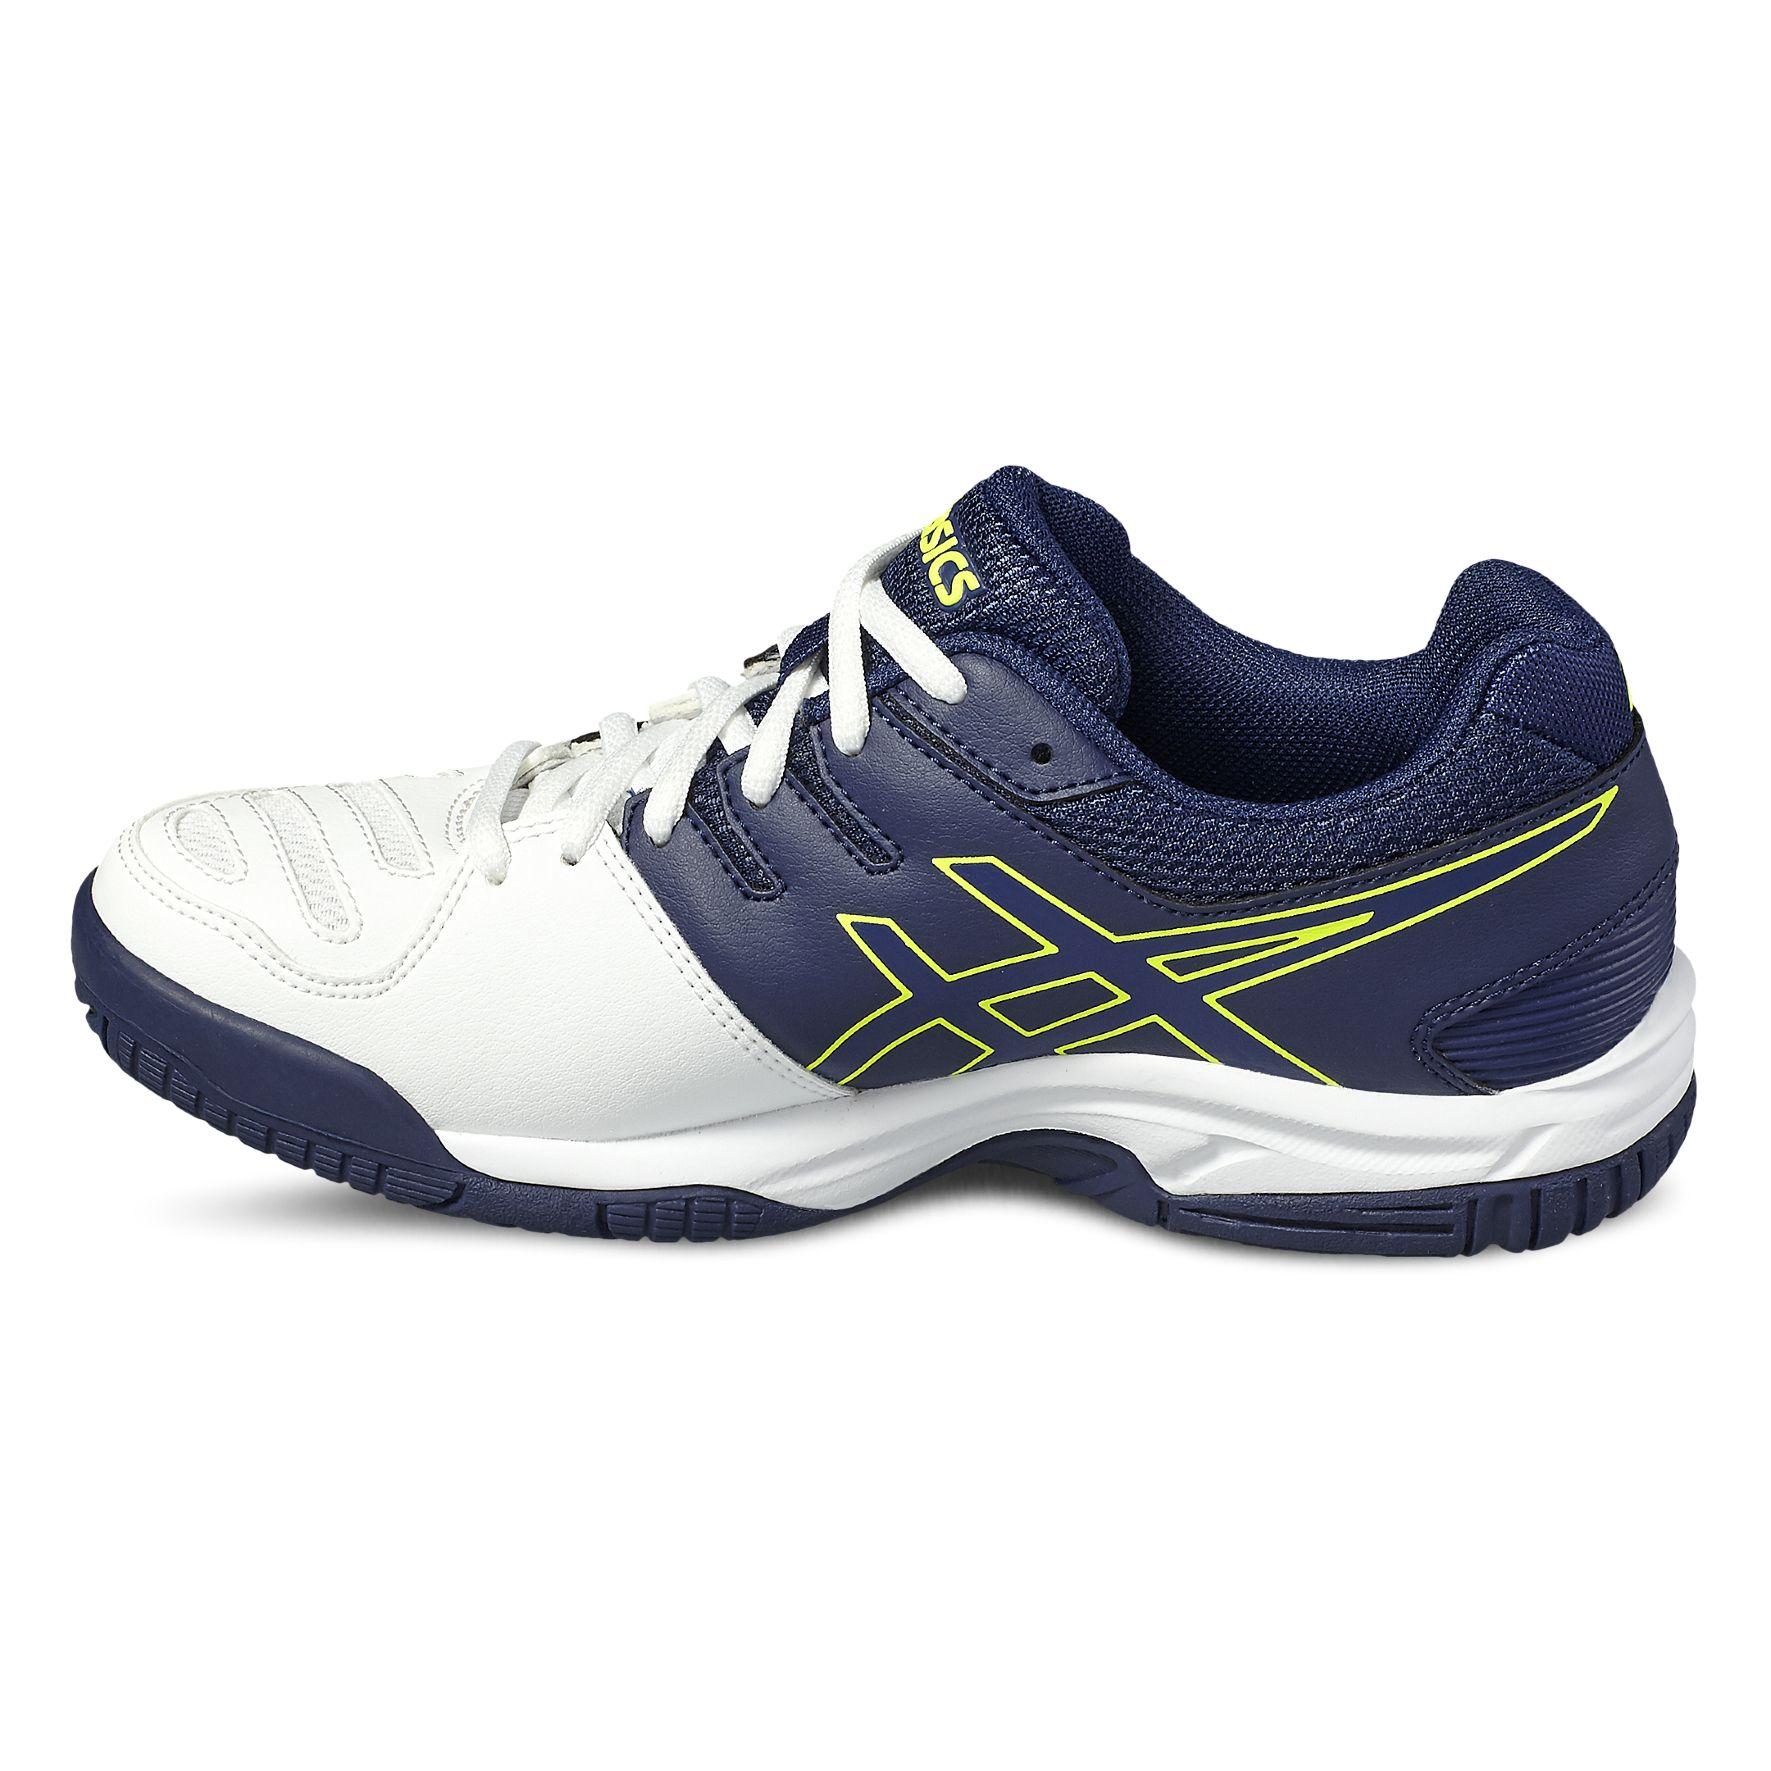 Asics Gel Game 5 Gs Boys Tennis Shoes Sweatband Com